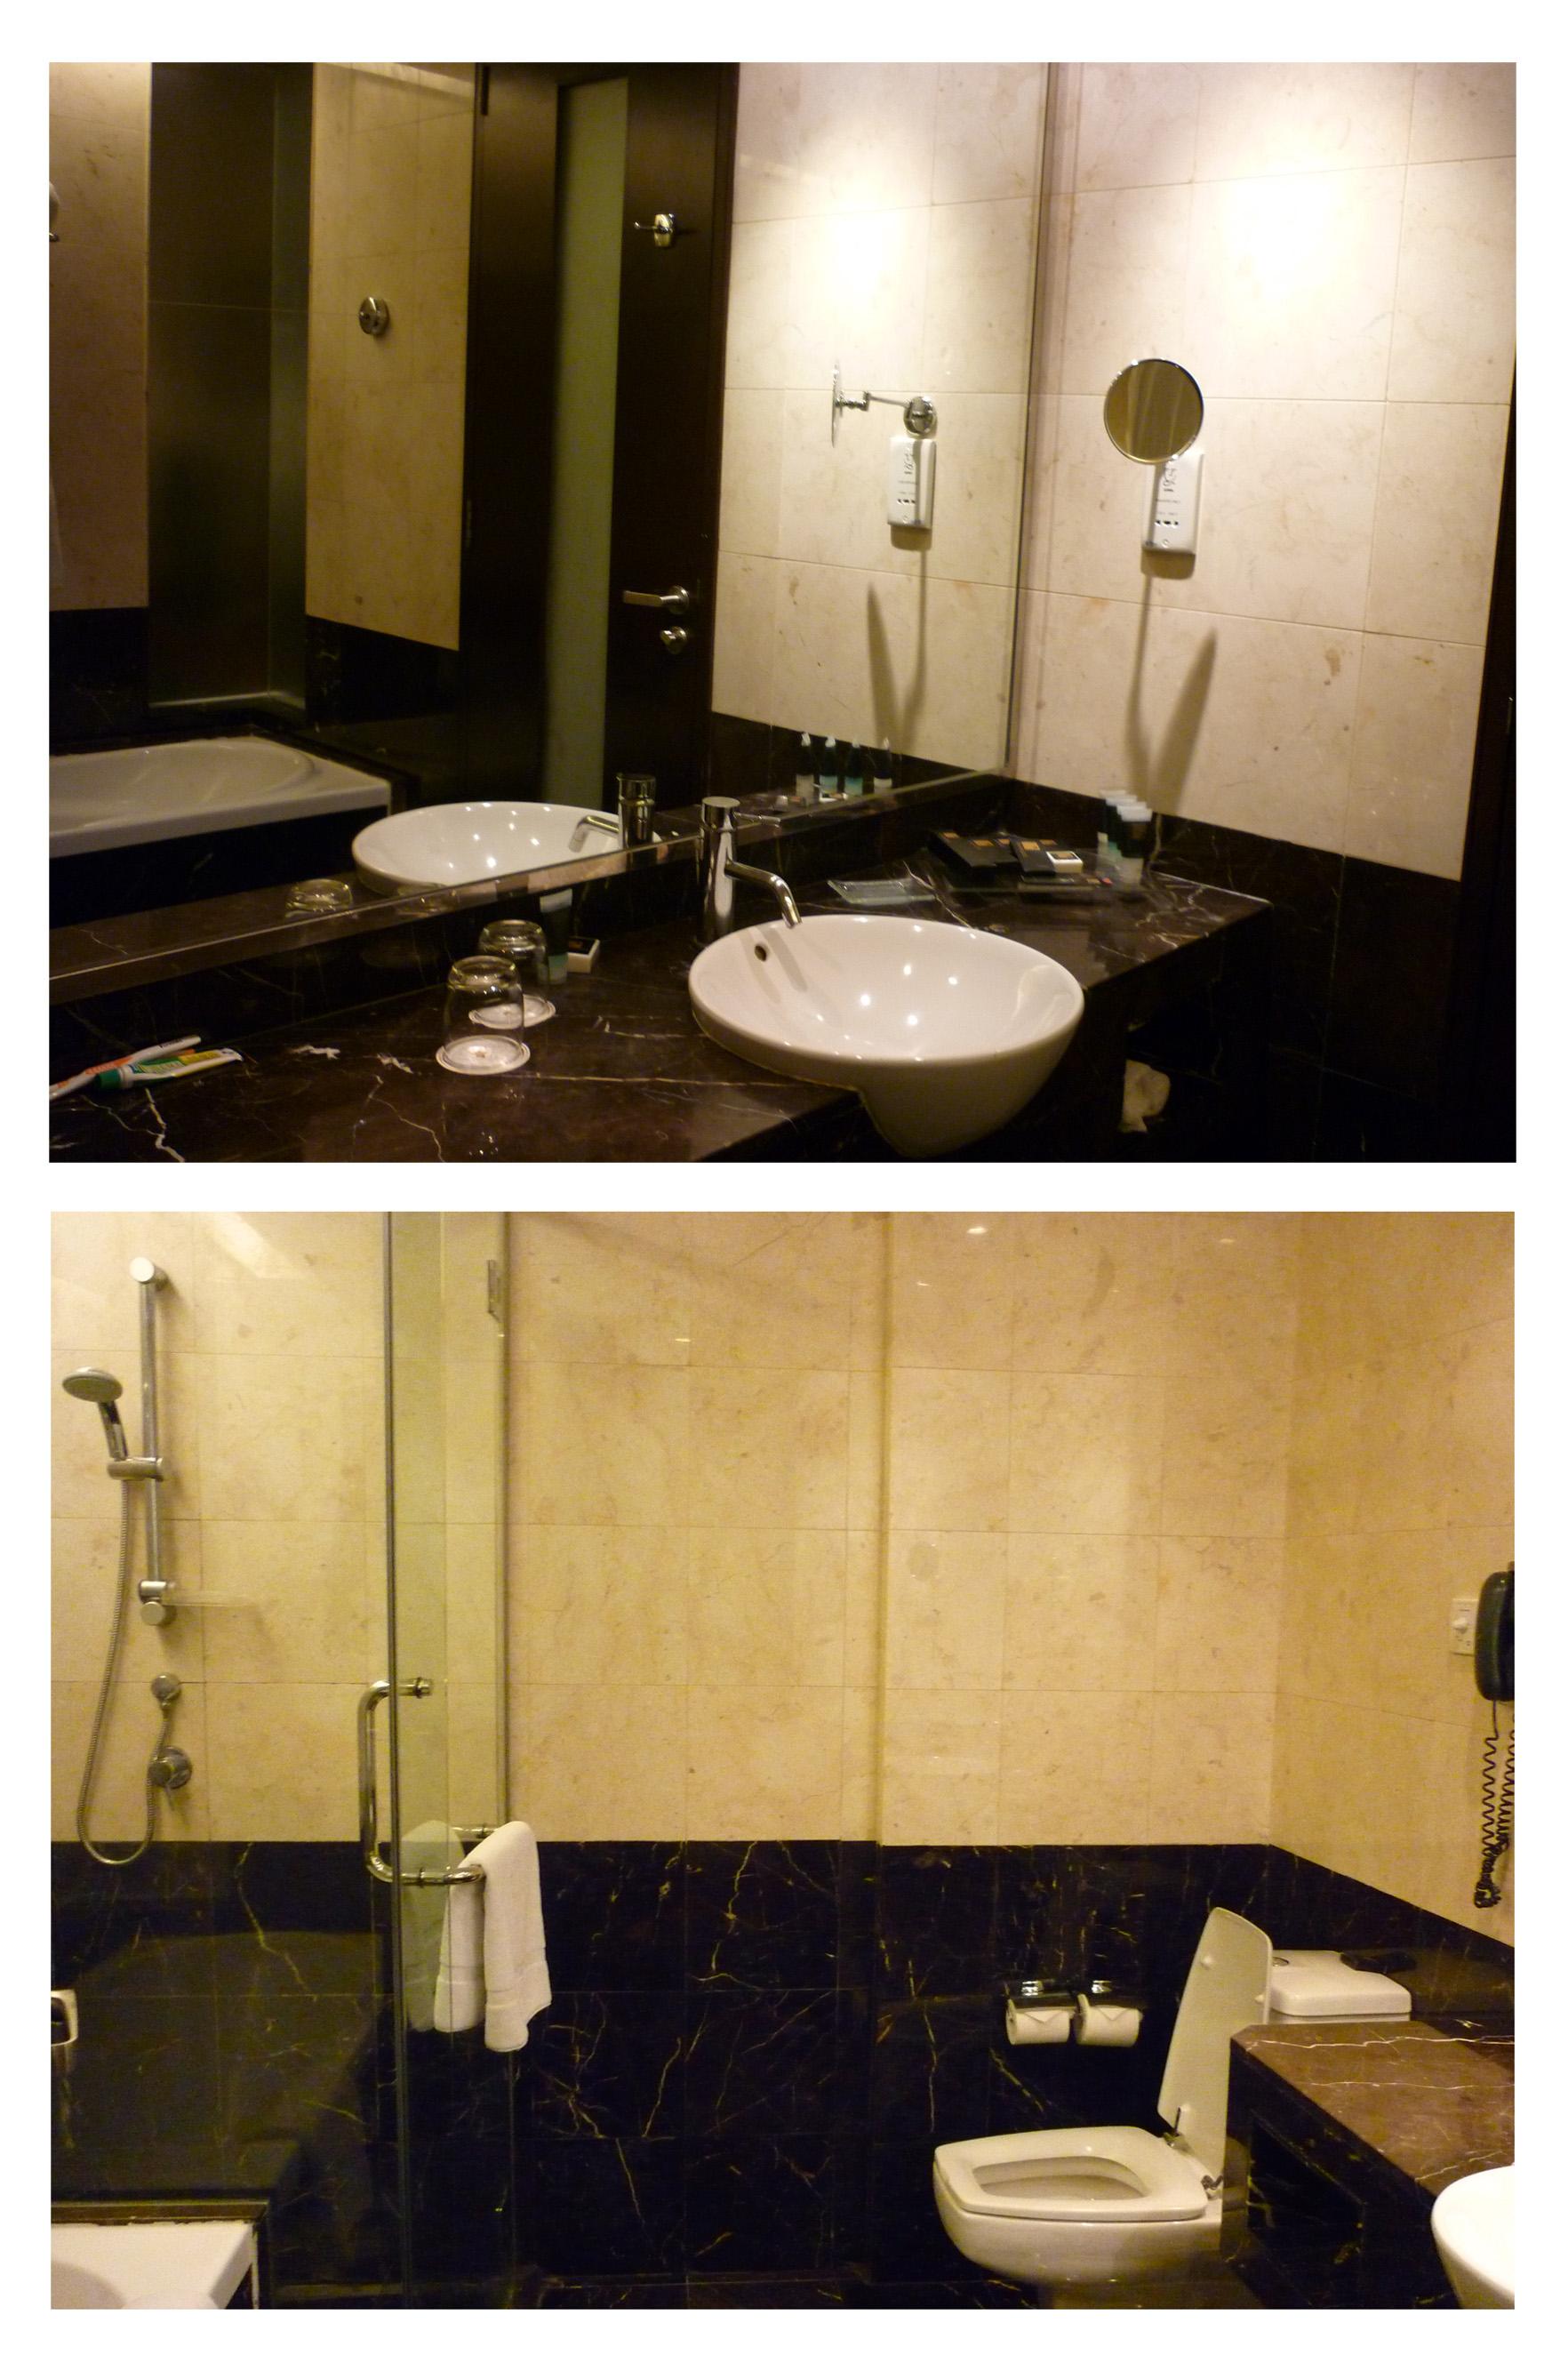 Impiana Klcc Hotel Kuala Lumpur Comparison Between